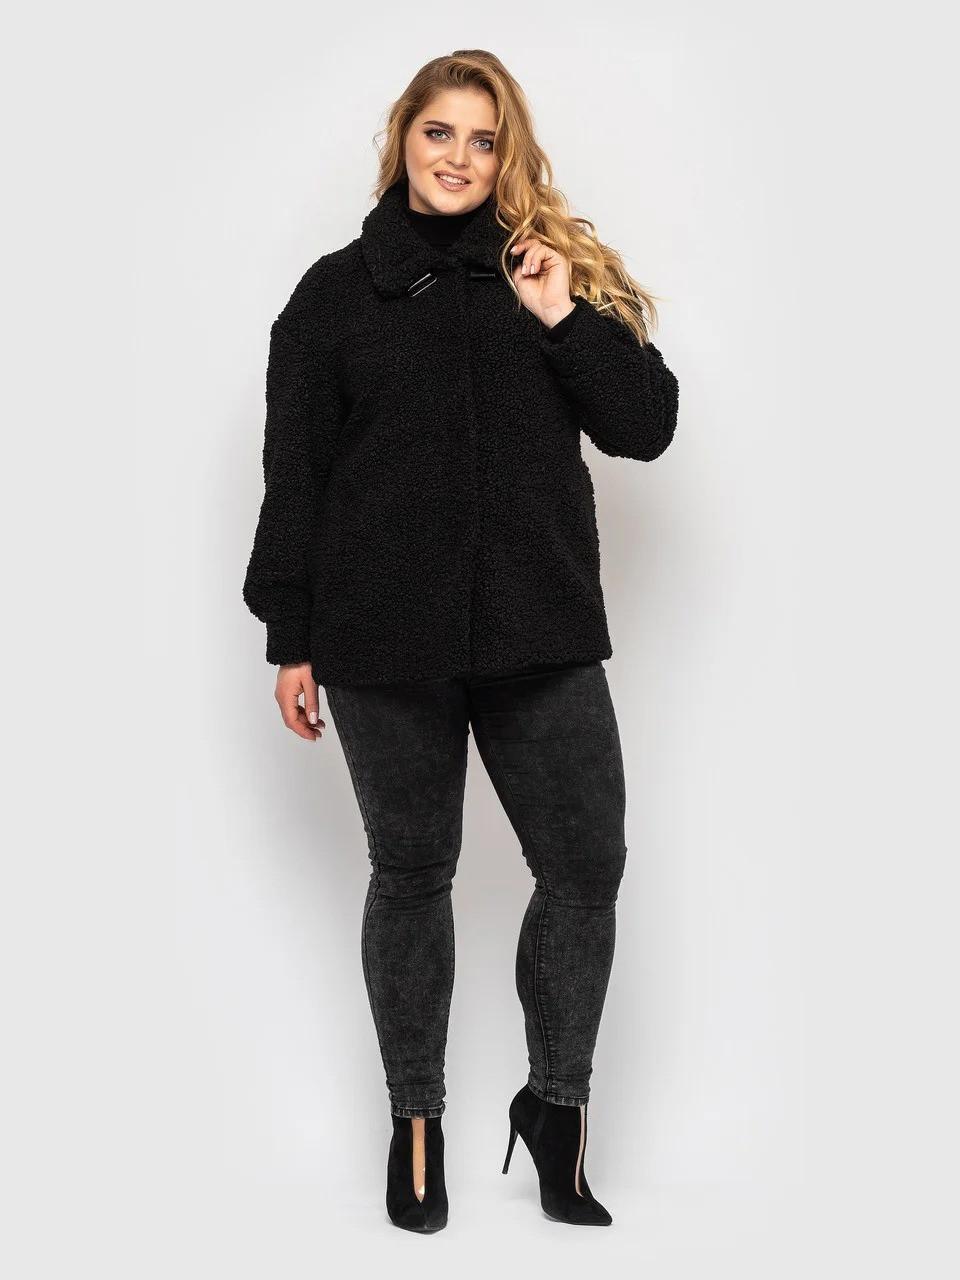 Утепленная женская короткая куртка из экомеха, больших размеров от 50 до 58